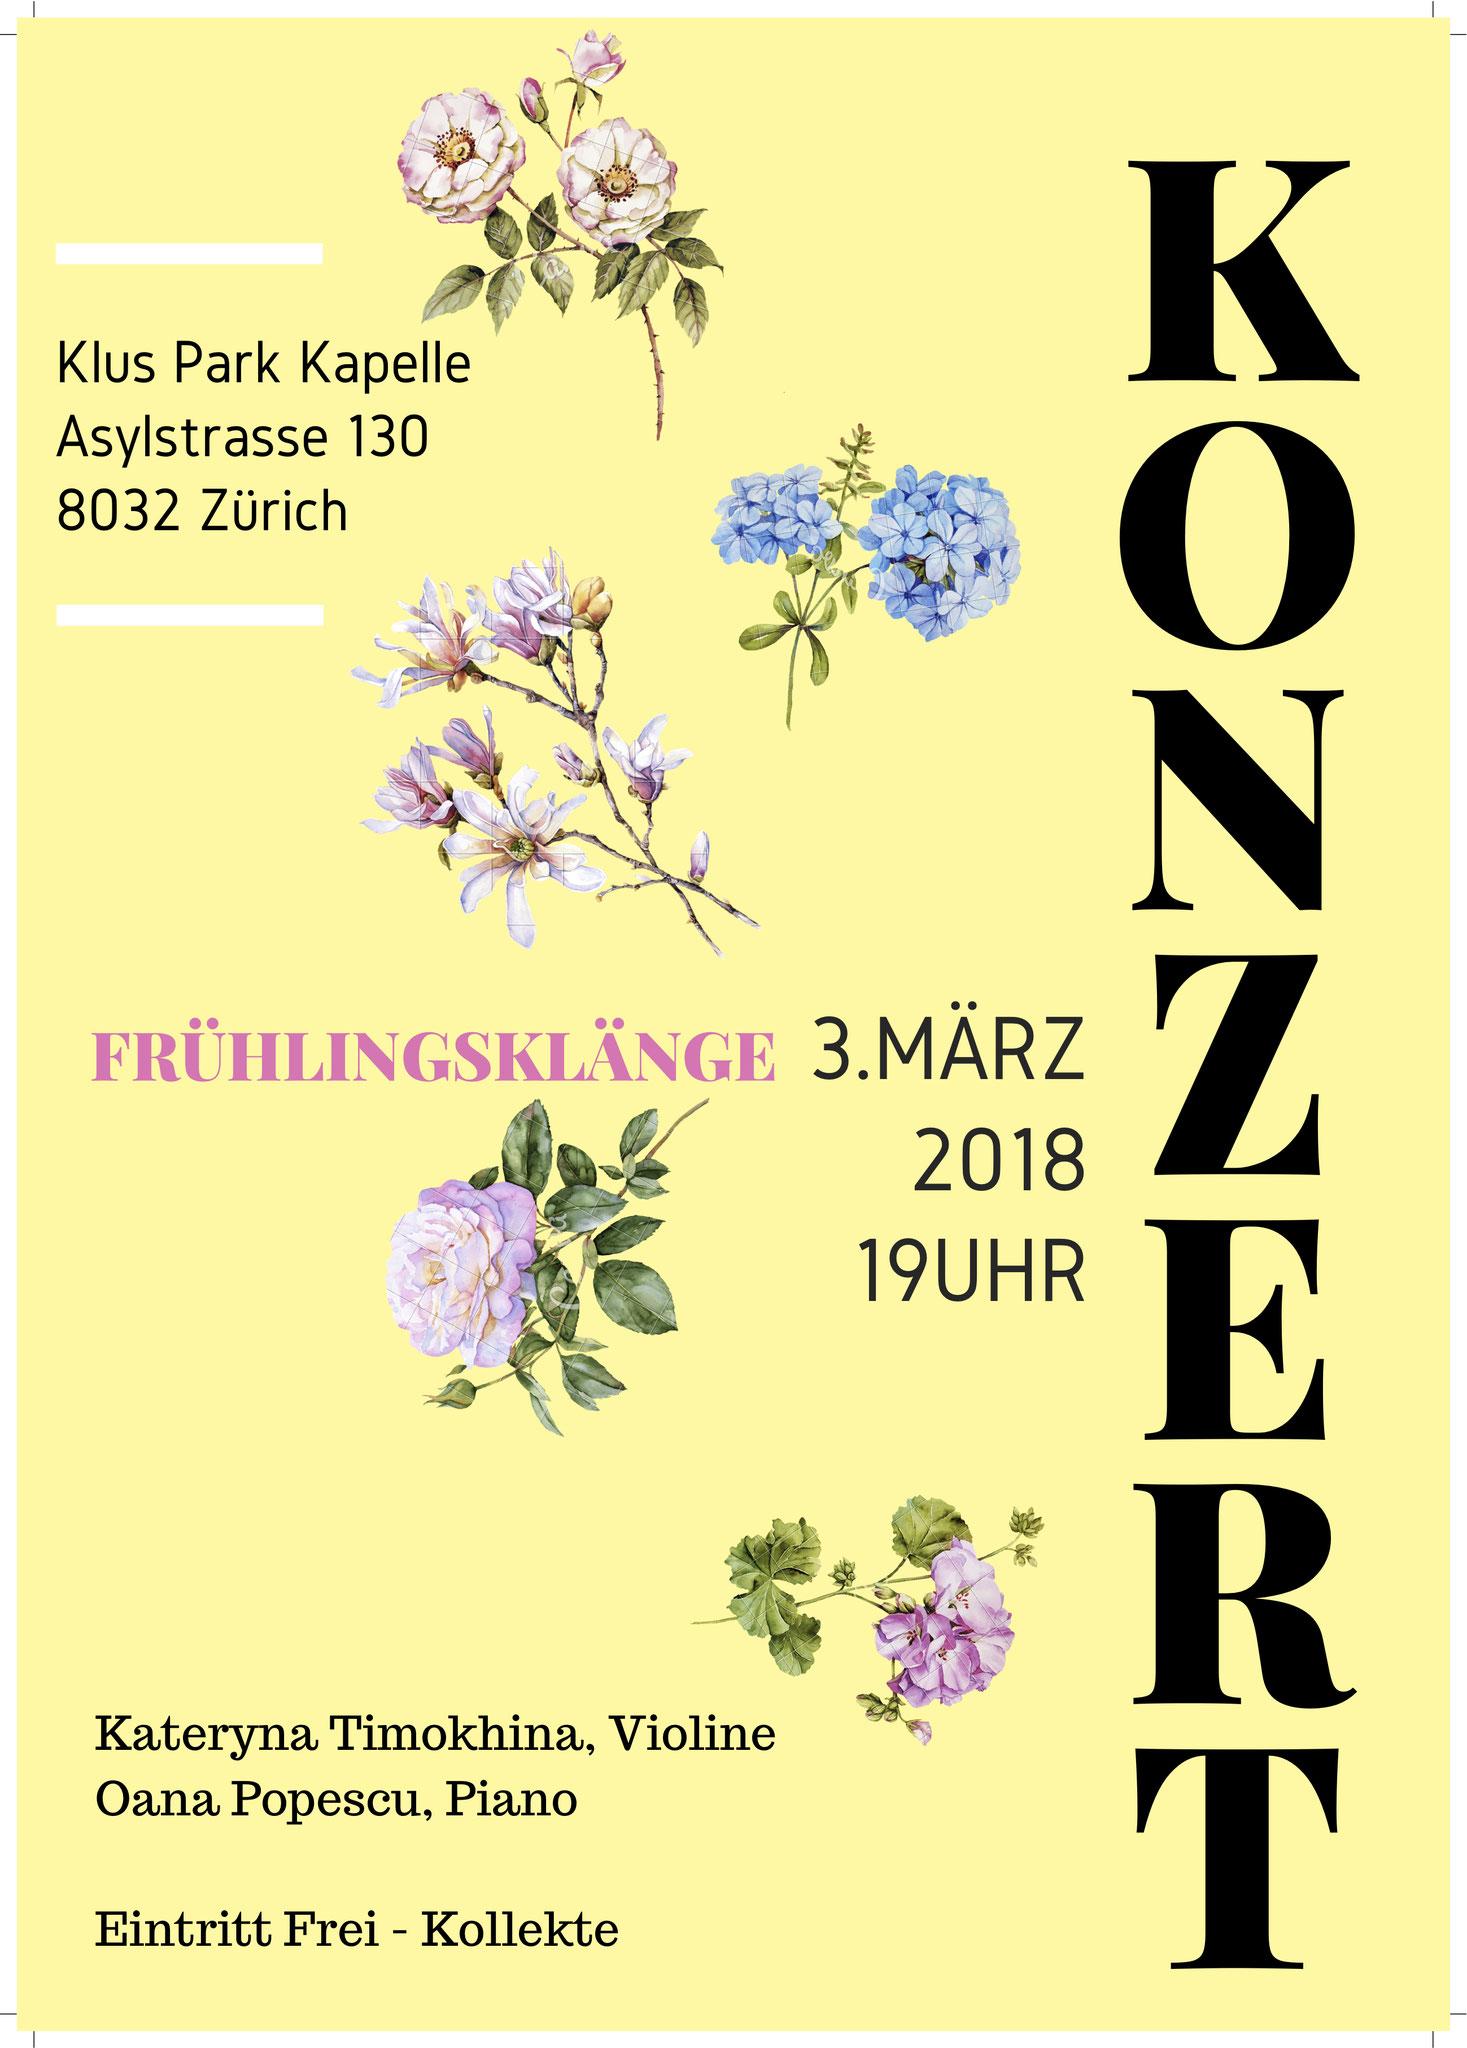 Kammermusik Konzert 3. März 2018, Kateryna Timokhina, Oana Popescu